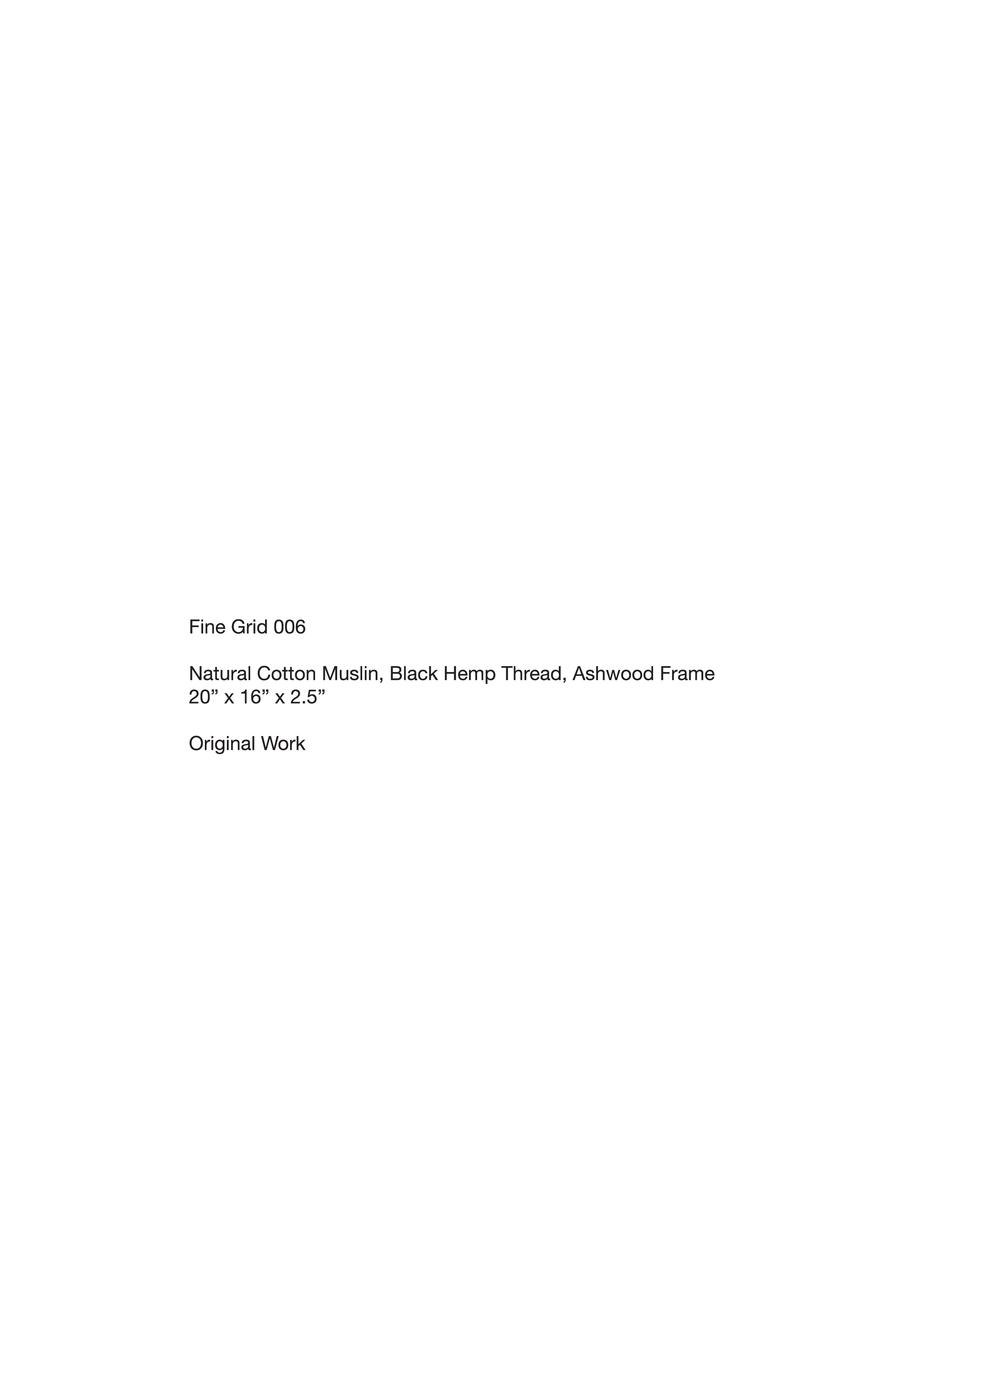 Nicole Patel Fine Grid 006 Text-01.png